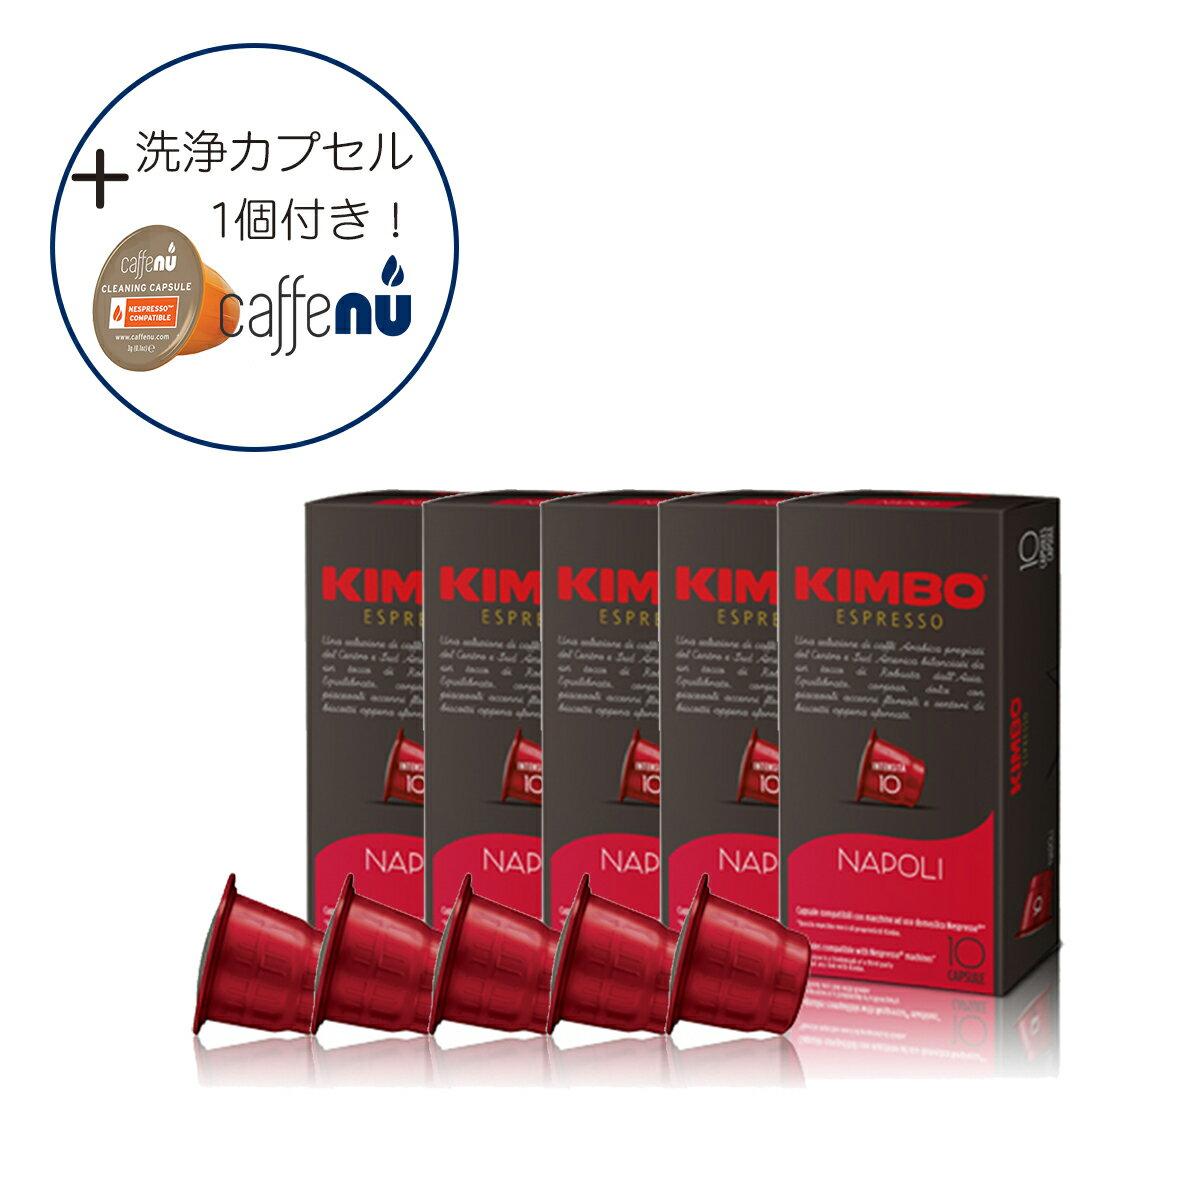 ネスプレッソ カプセル 互換 キンボ kimbo コーヒー ナポリ 1箱 10 カプセル 5箱 合計 50 カプセル 送料無料